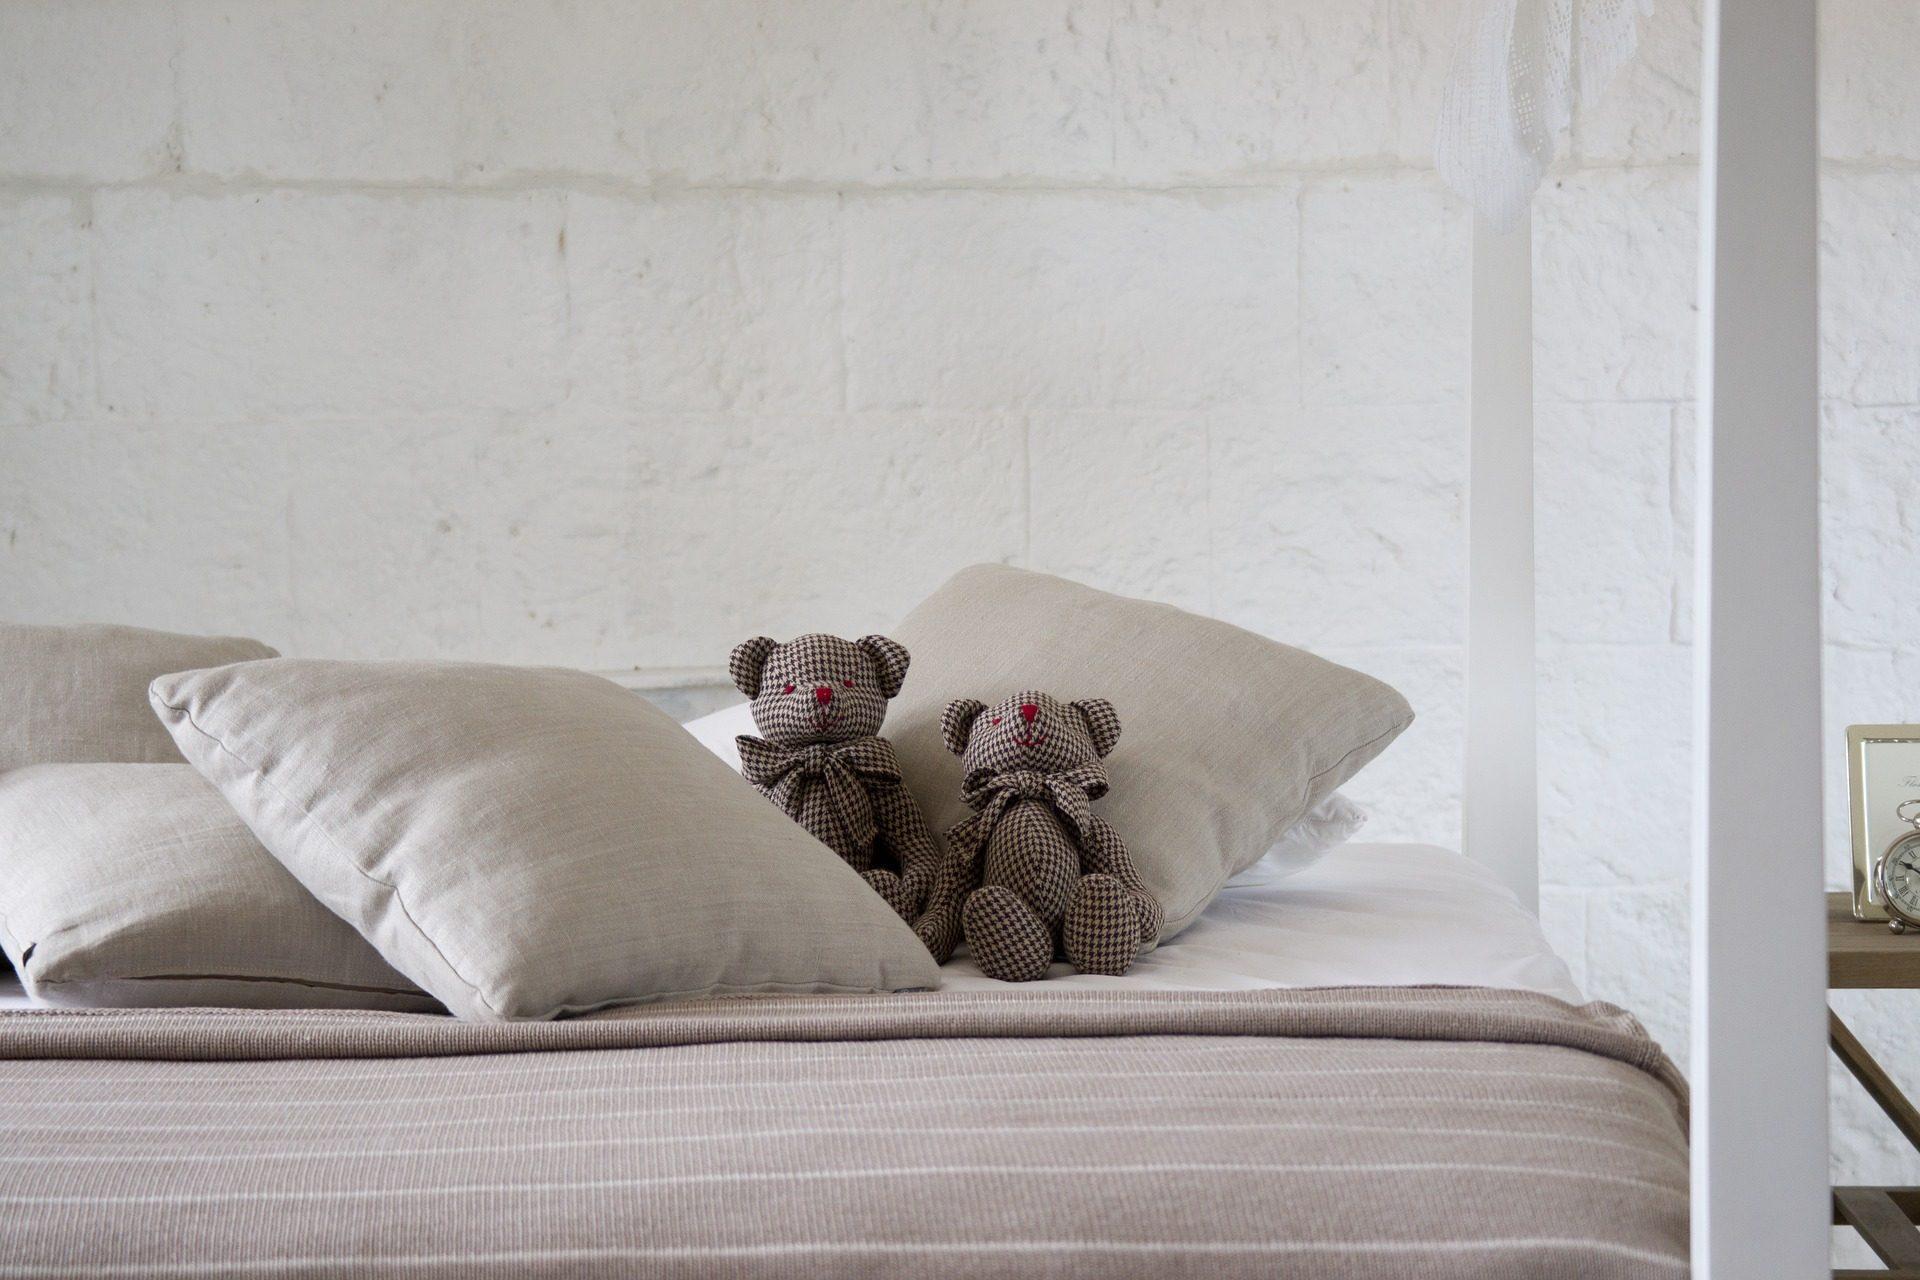 cama, Ursos de pelúcia, brinquedos de pelúcia, figuras, almofadas, quarto - Papéis de parede HD - Professor-falken.com